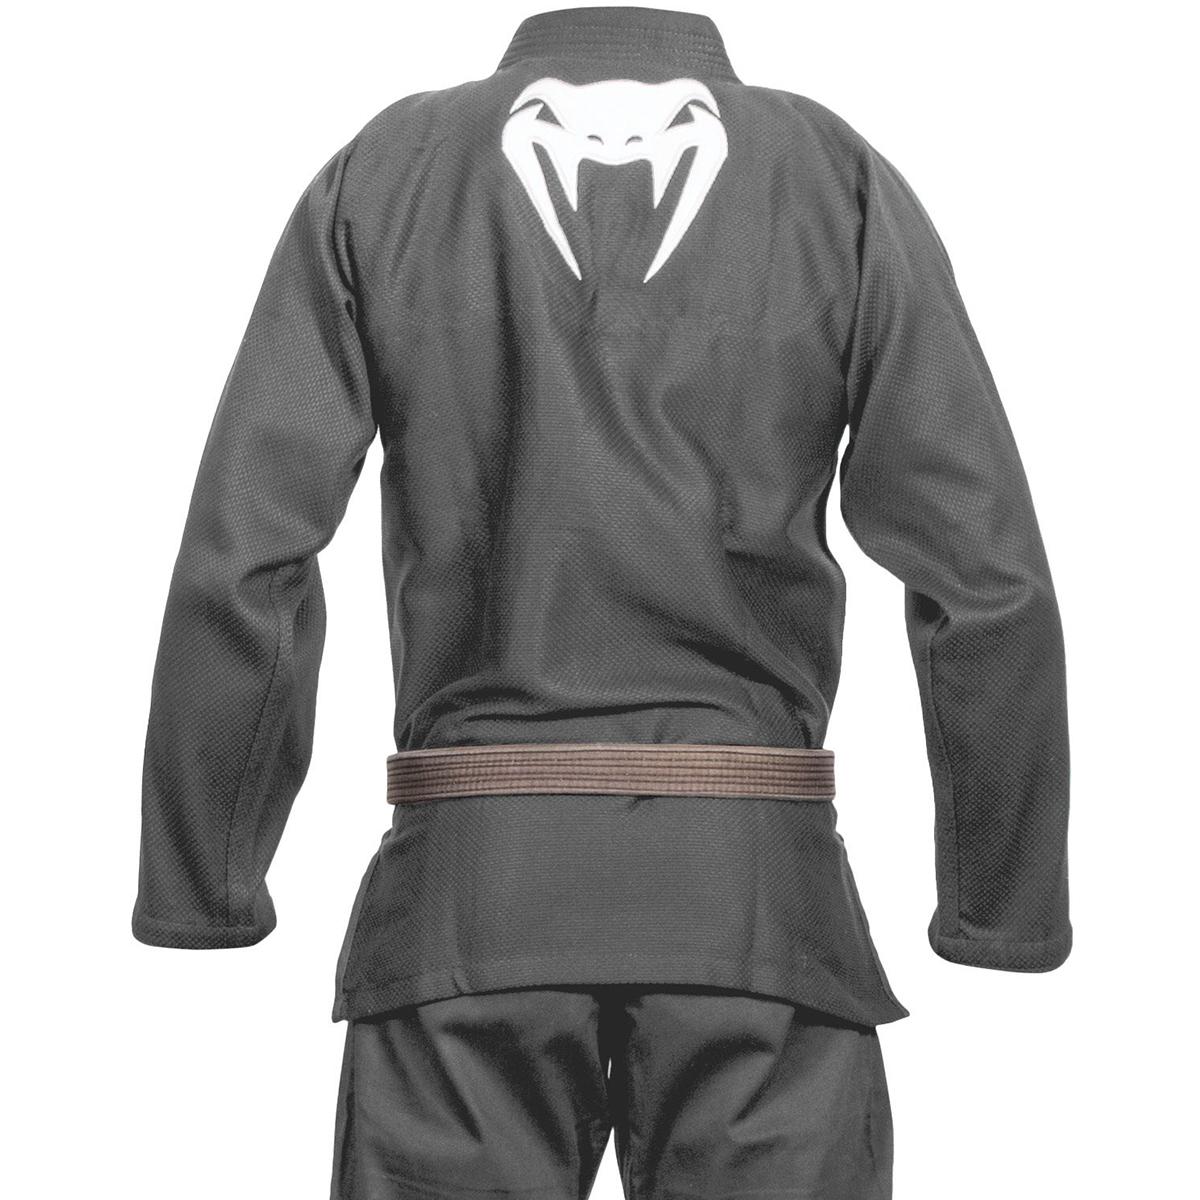 thumbnail 19 - Venum Contender 2.0 Brazilian Jiu-Jitsu Gi